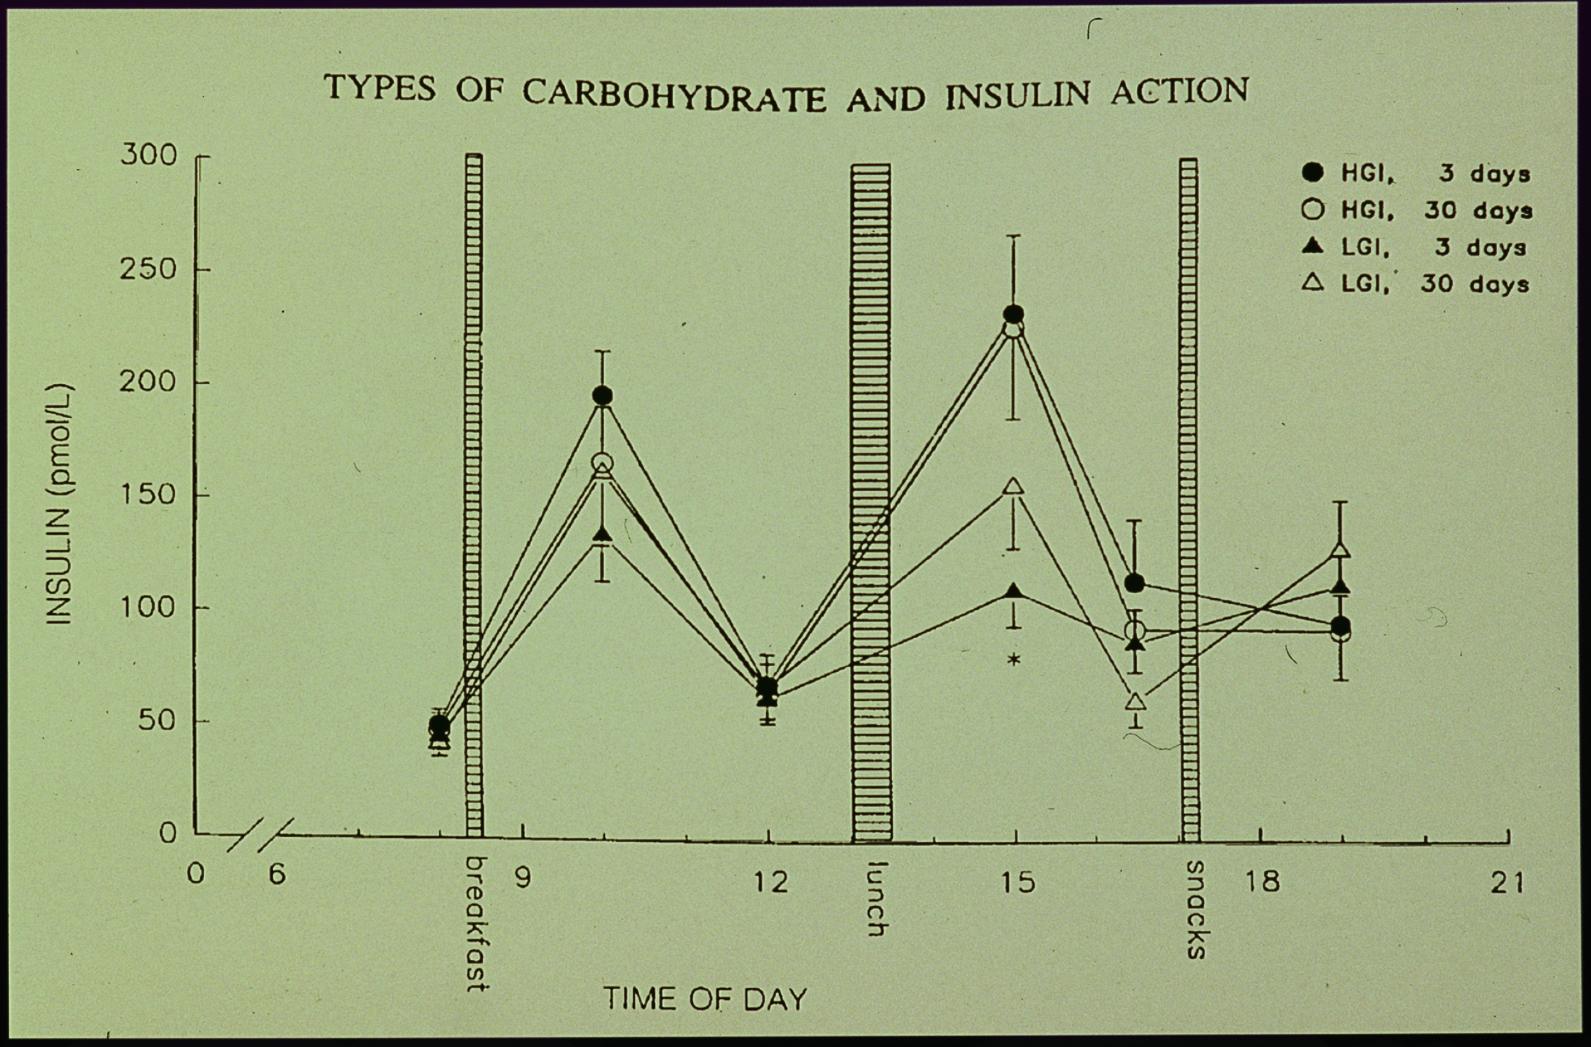 本圖發現30天後,低GI飲食,胰島素濃度開始接近高GI飲食,在一天三次進食過後的血中胰島素升高,甚至大於高GI飲食。